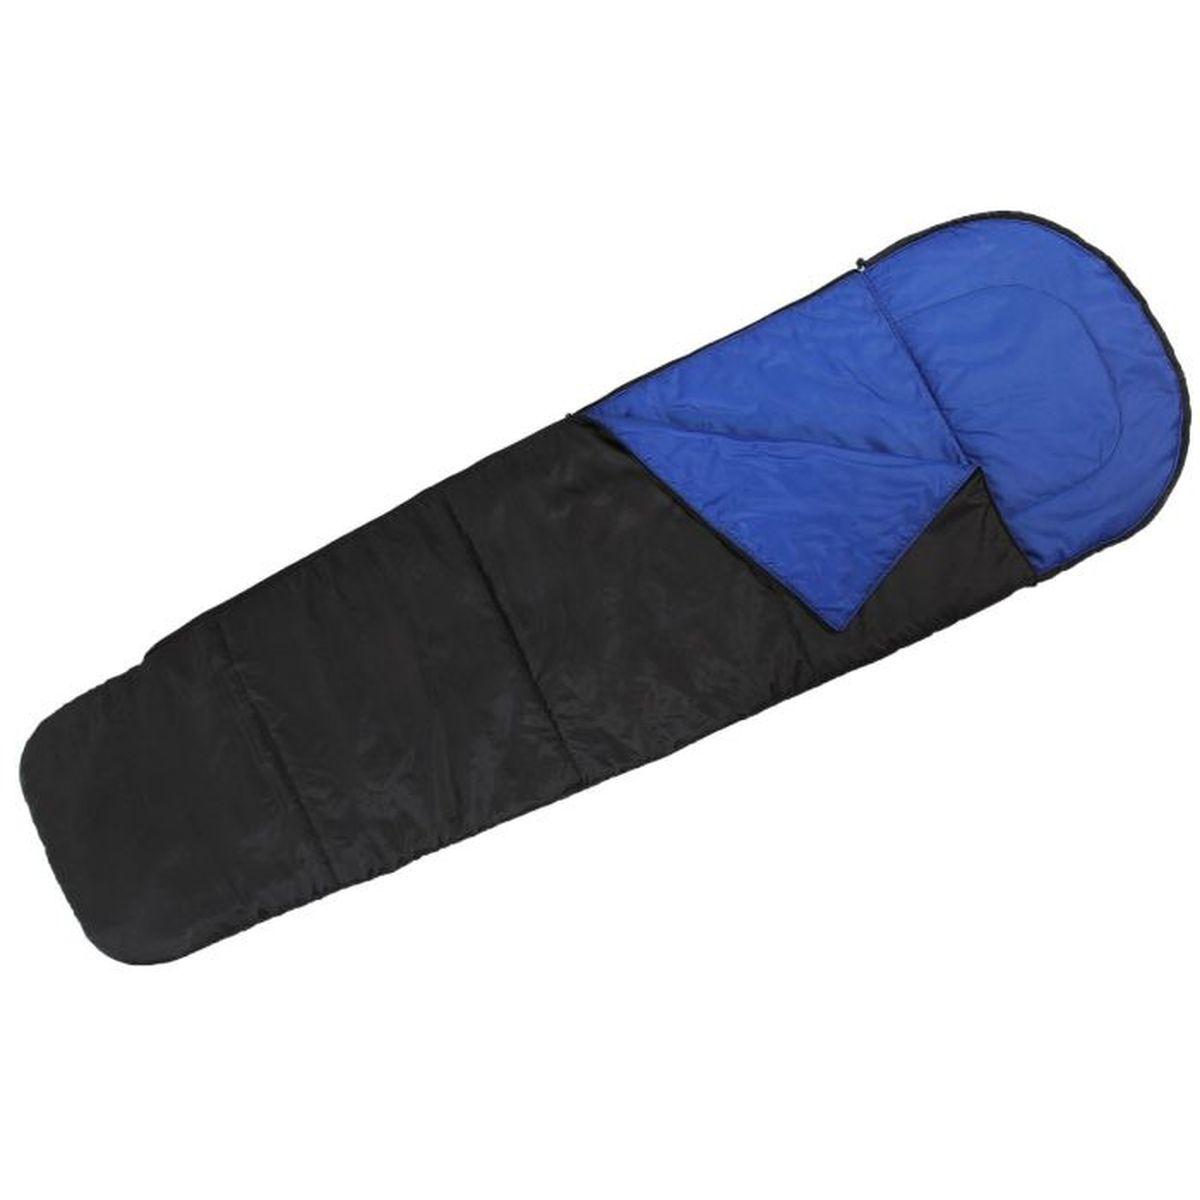 Мешок спальный Onlitop Кокон, цвет: черный, синий, правосторонняя молния мешок спальный onlitop богатырь правосторонняя молния цвет хаки 225 х 105 см